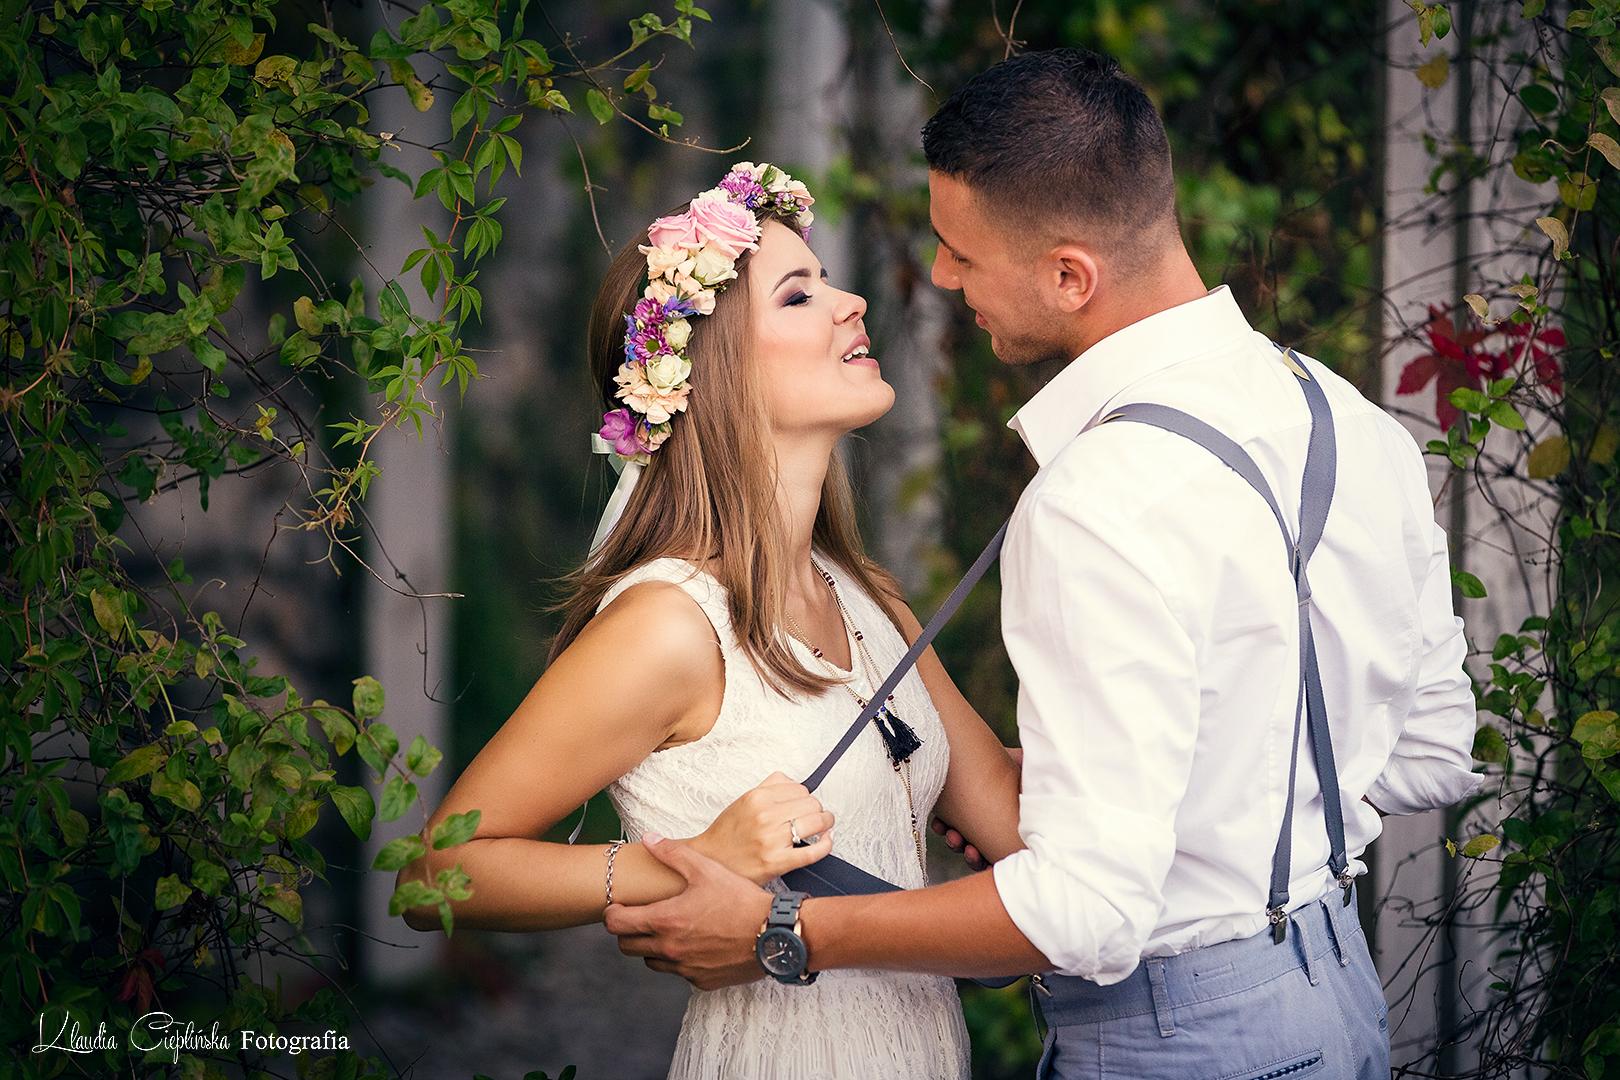 Artystyczne zdjęcia ślubne, rodzinne, portrety. Sesja w plenerze Jelenia Góra i parku w Bukowcu.